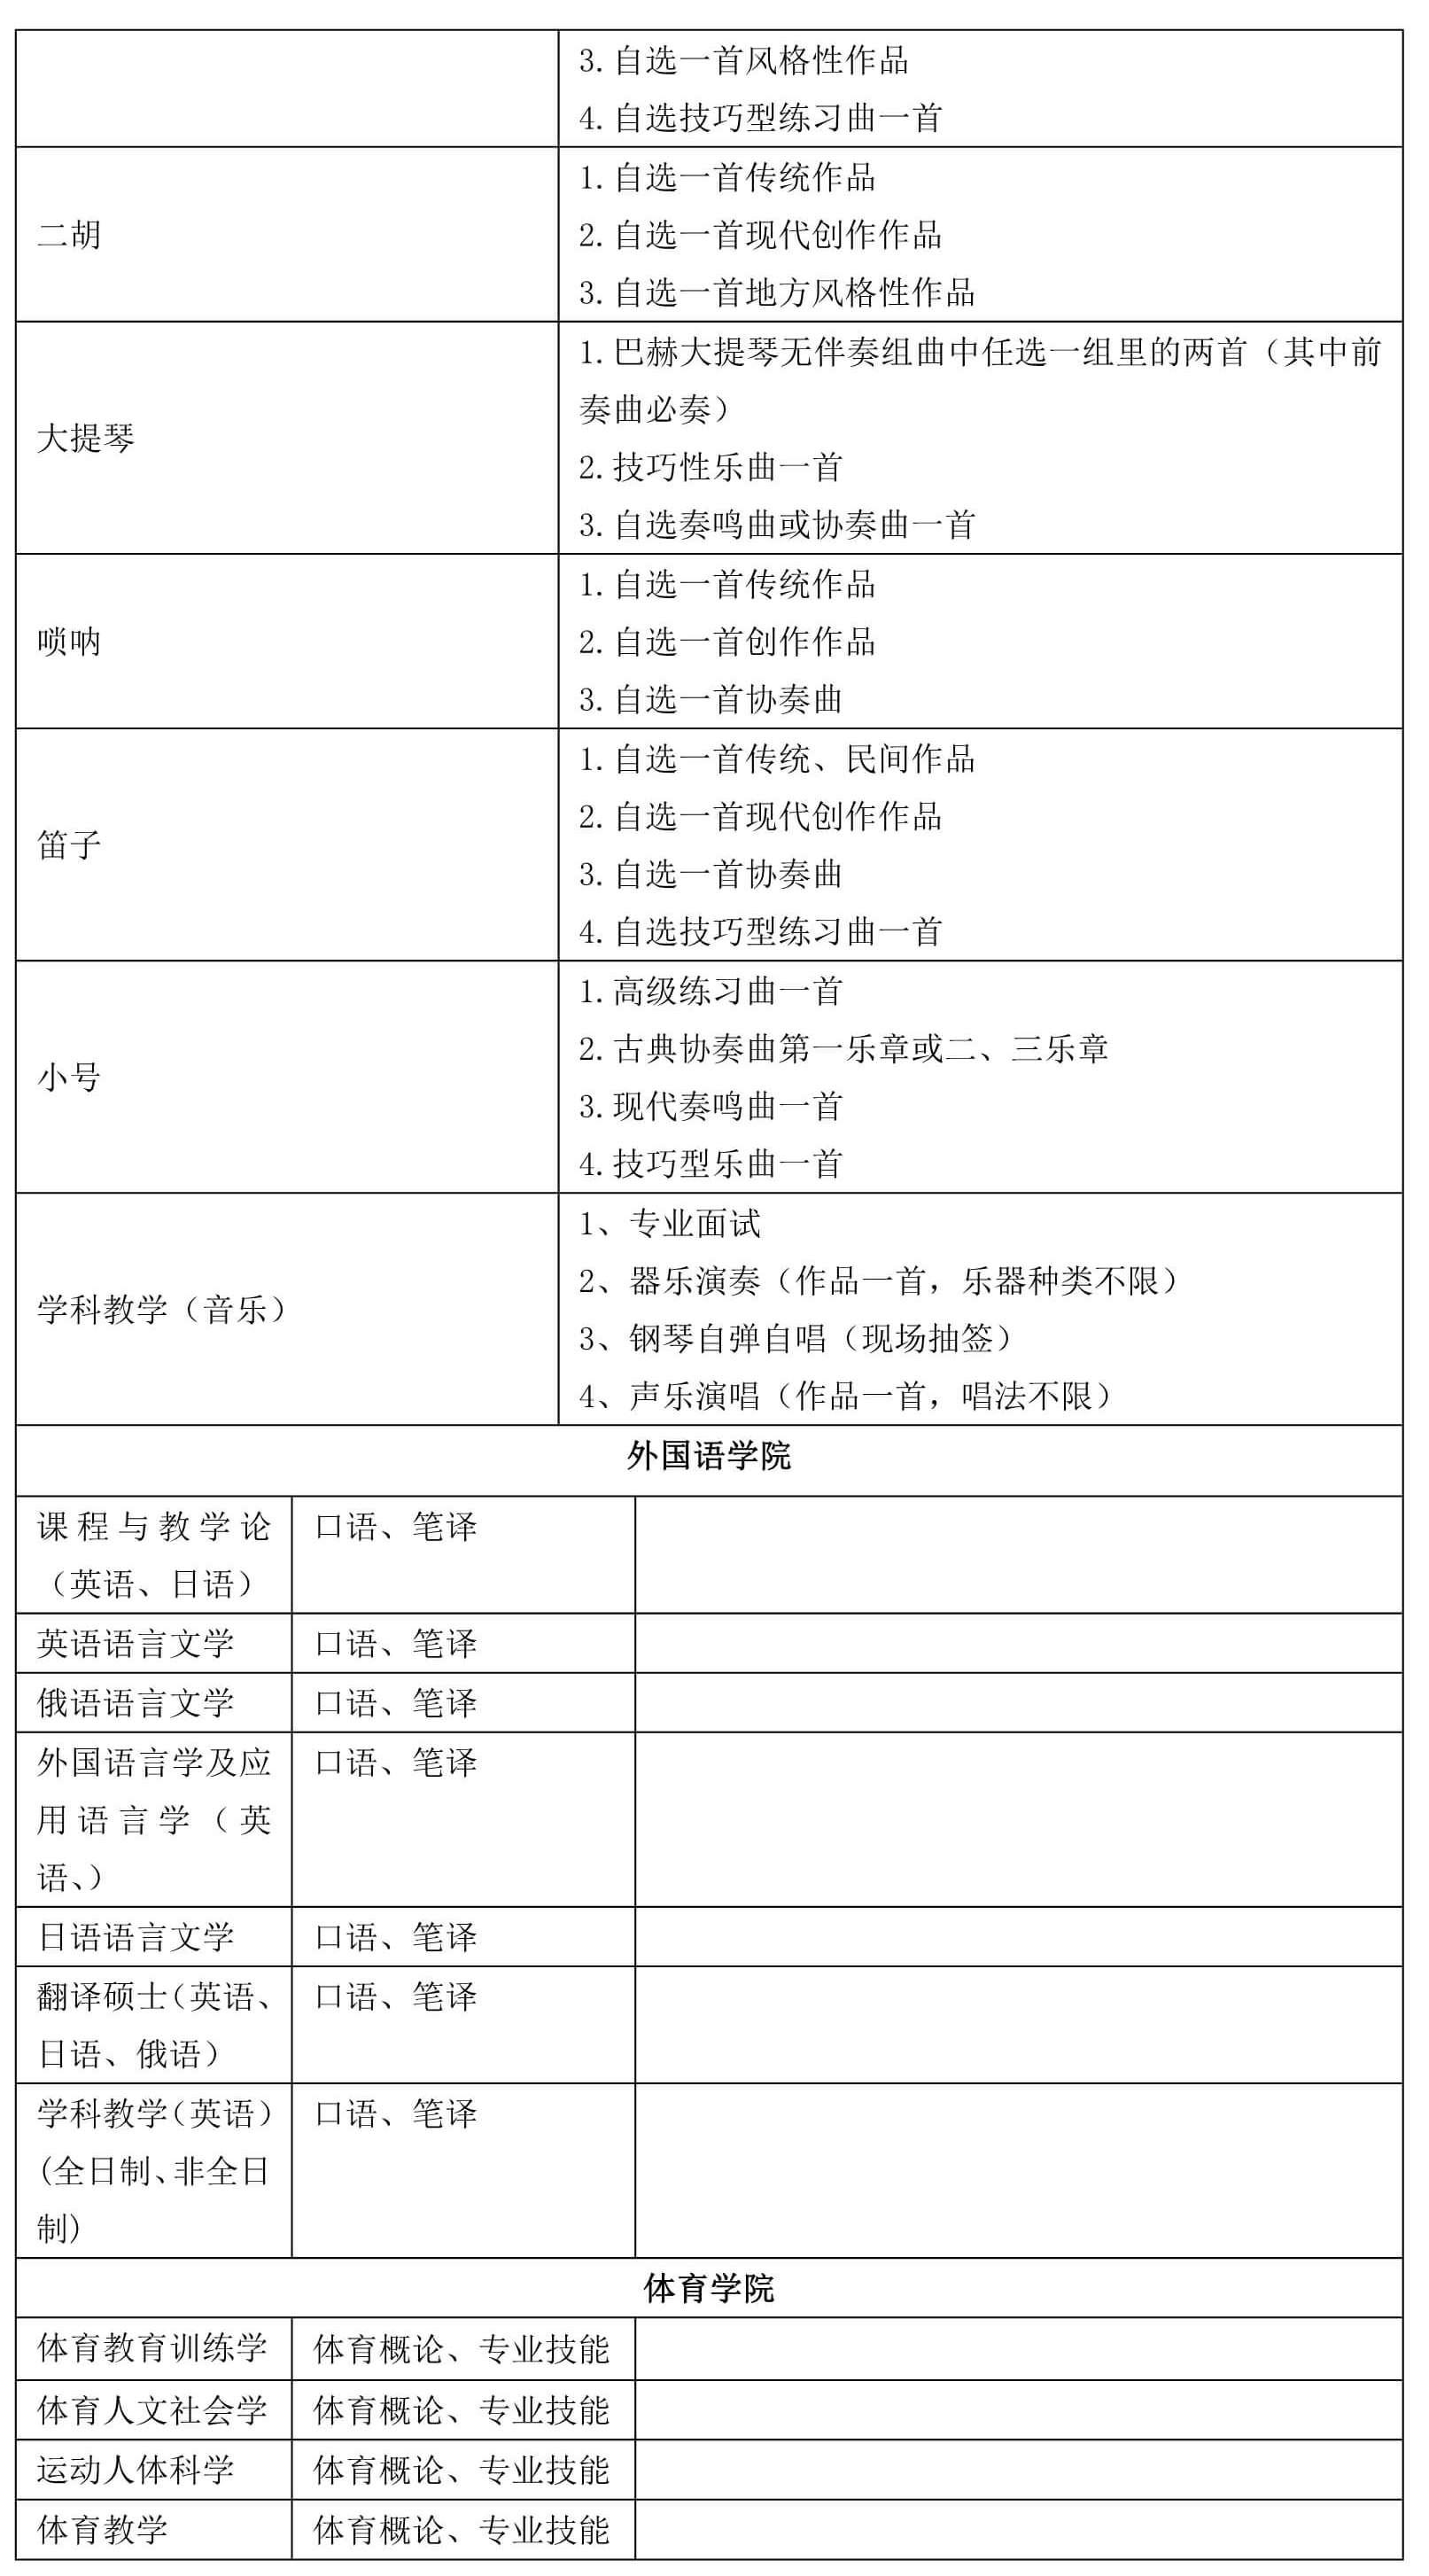 2022年辽宁师范大学硕士研究生招生复试科目